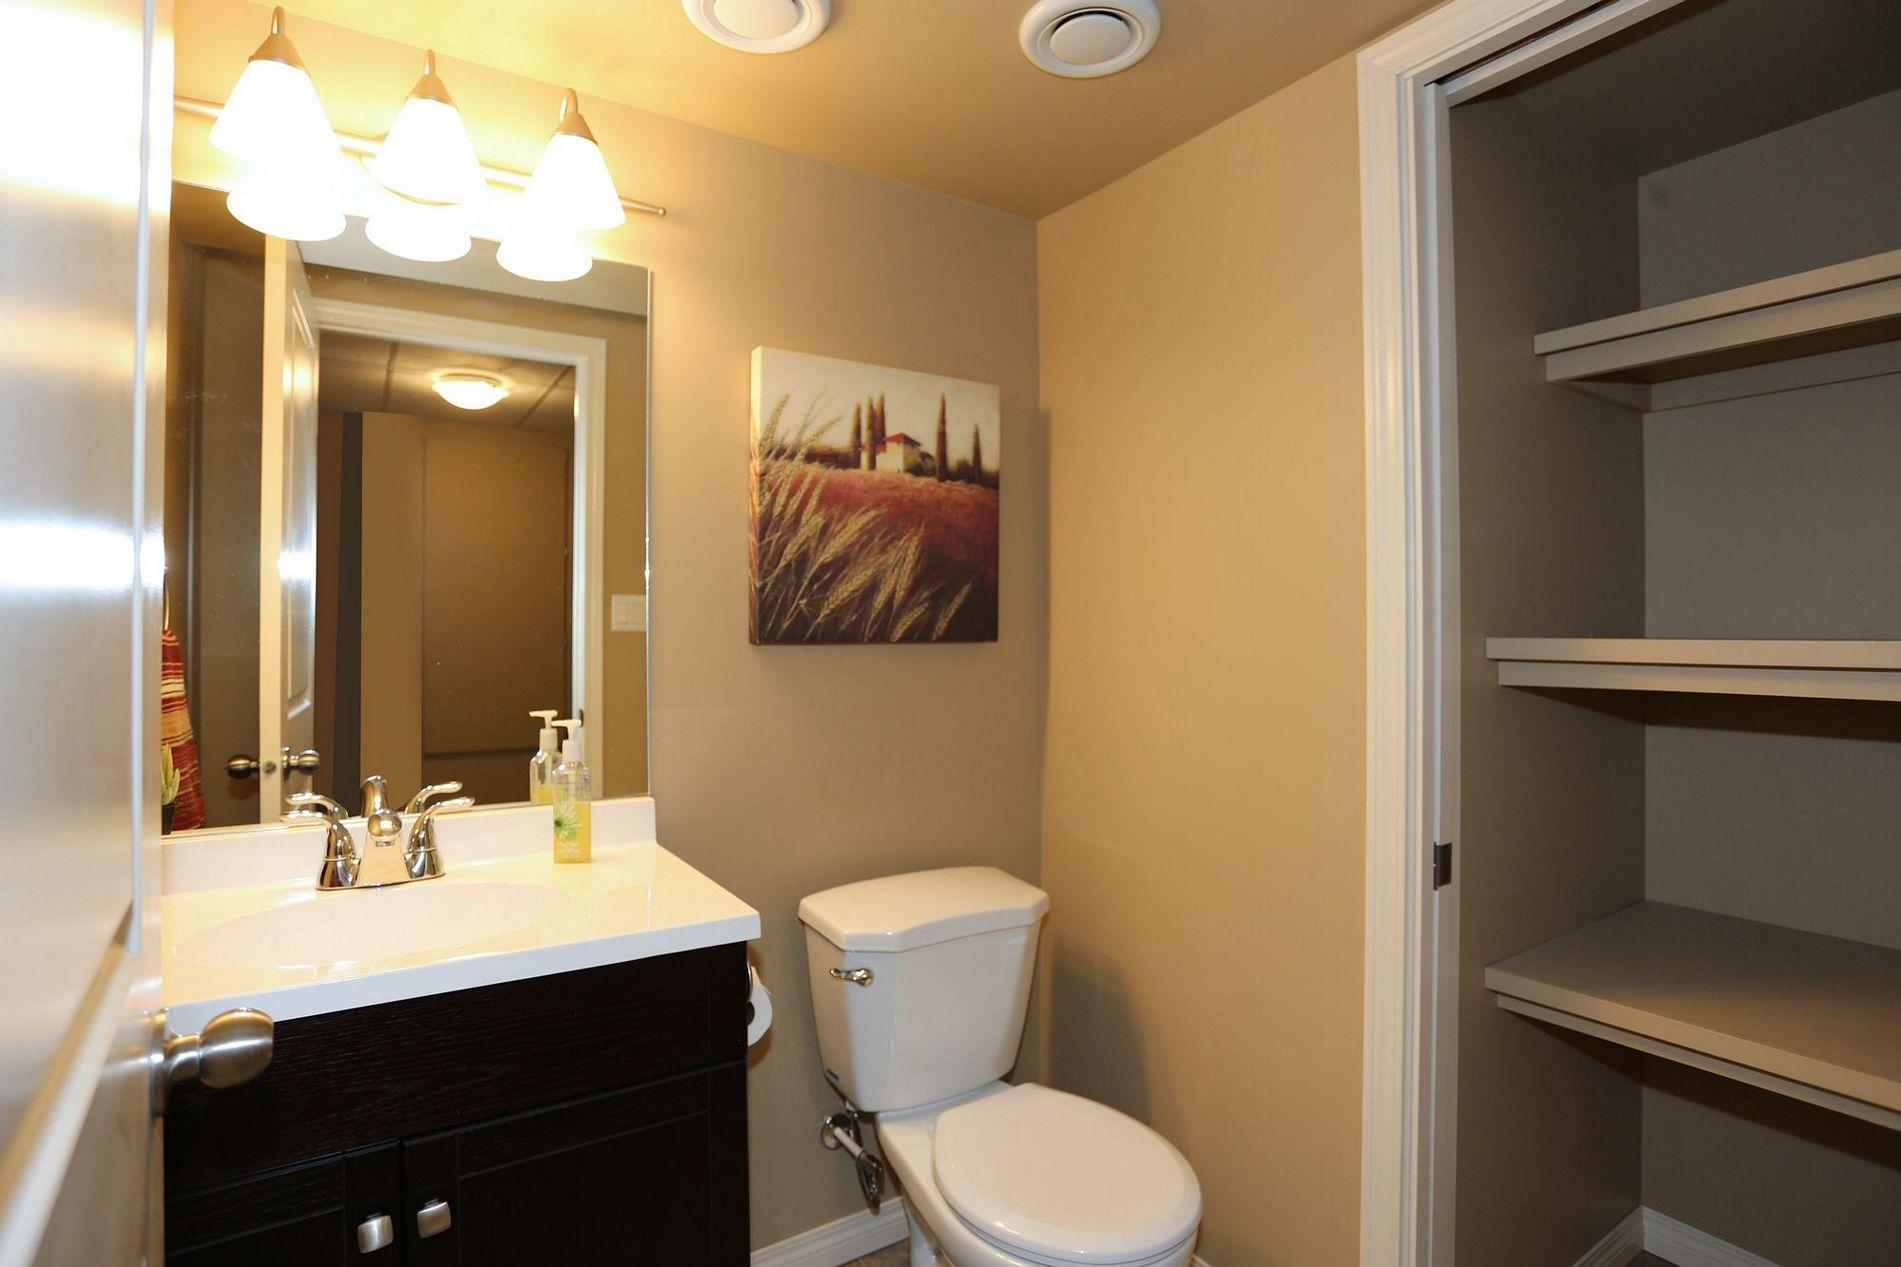 33-472 Templeton Ave, Winnipeg, Manitoba  R2V 4Y8 - Photo 23 - 1623525